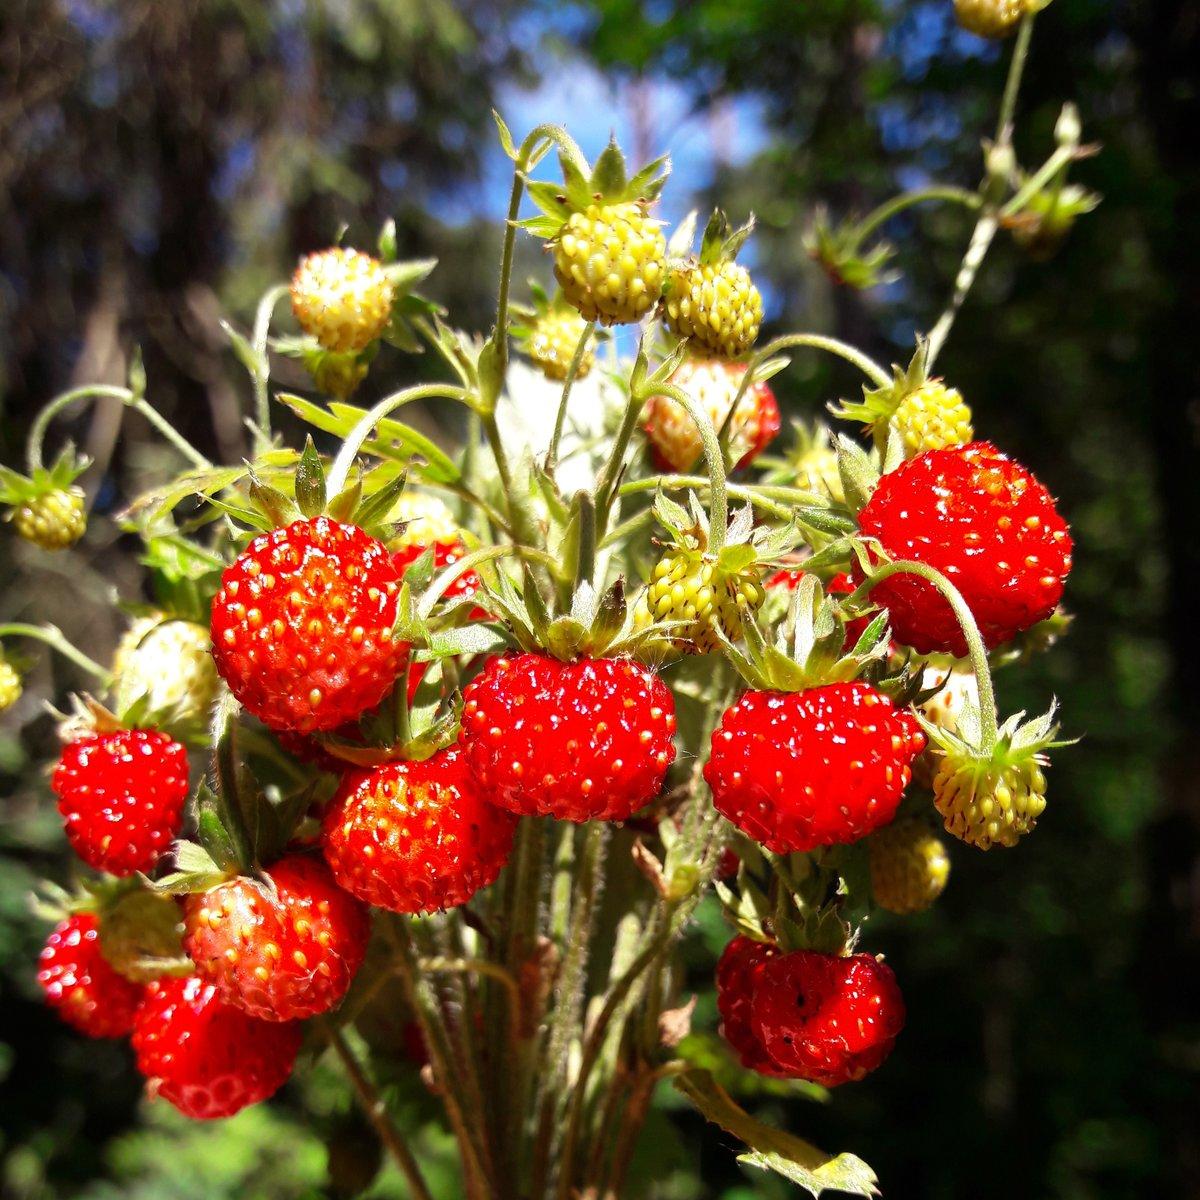 Картинка лесная ягода красивая